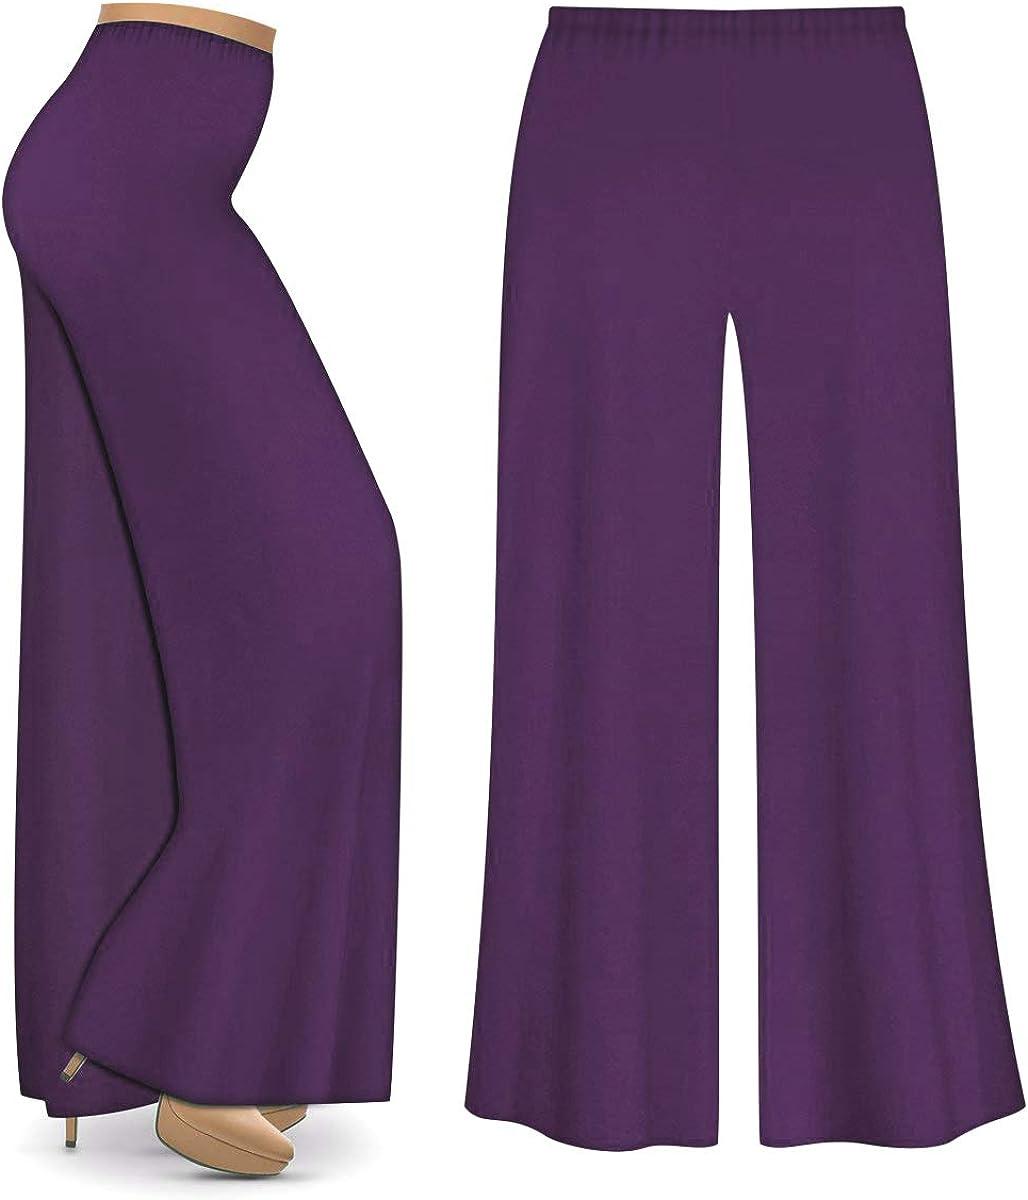 Amazon Com Purpura Poly Algodon Jersey Knit Ancho Pierna Mas Tamano Supersize Palazzo Pantalones Clothing